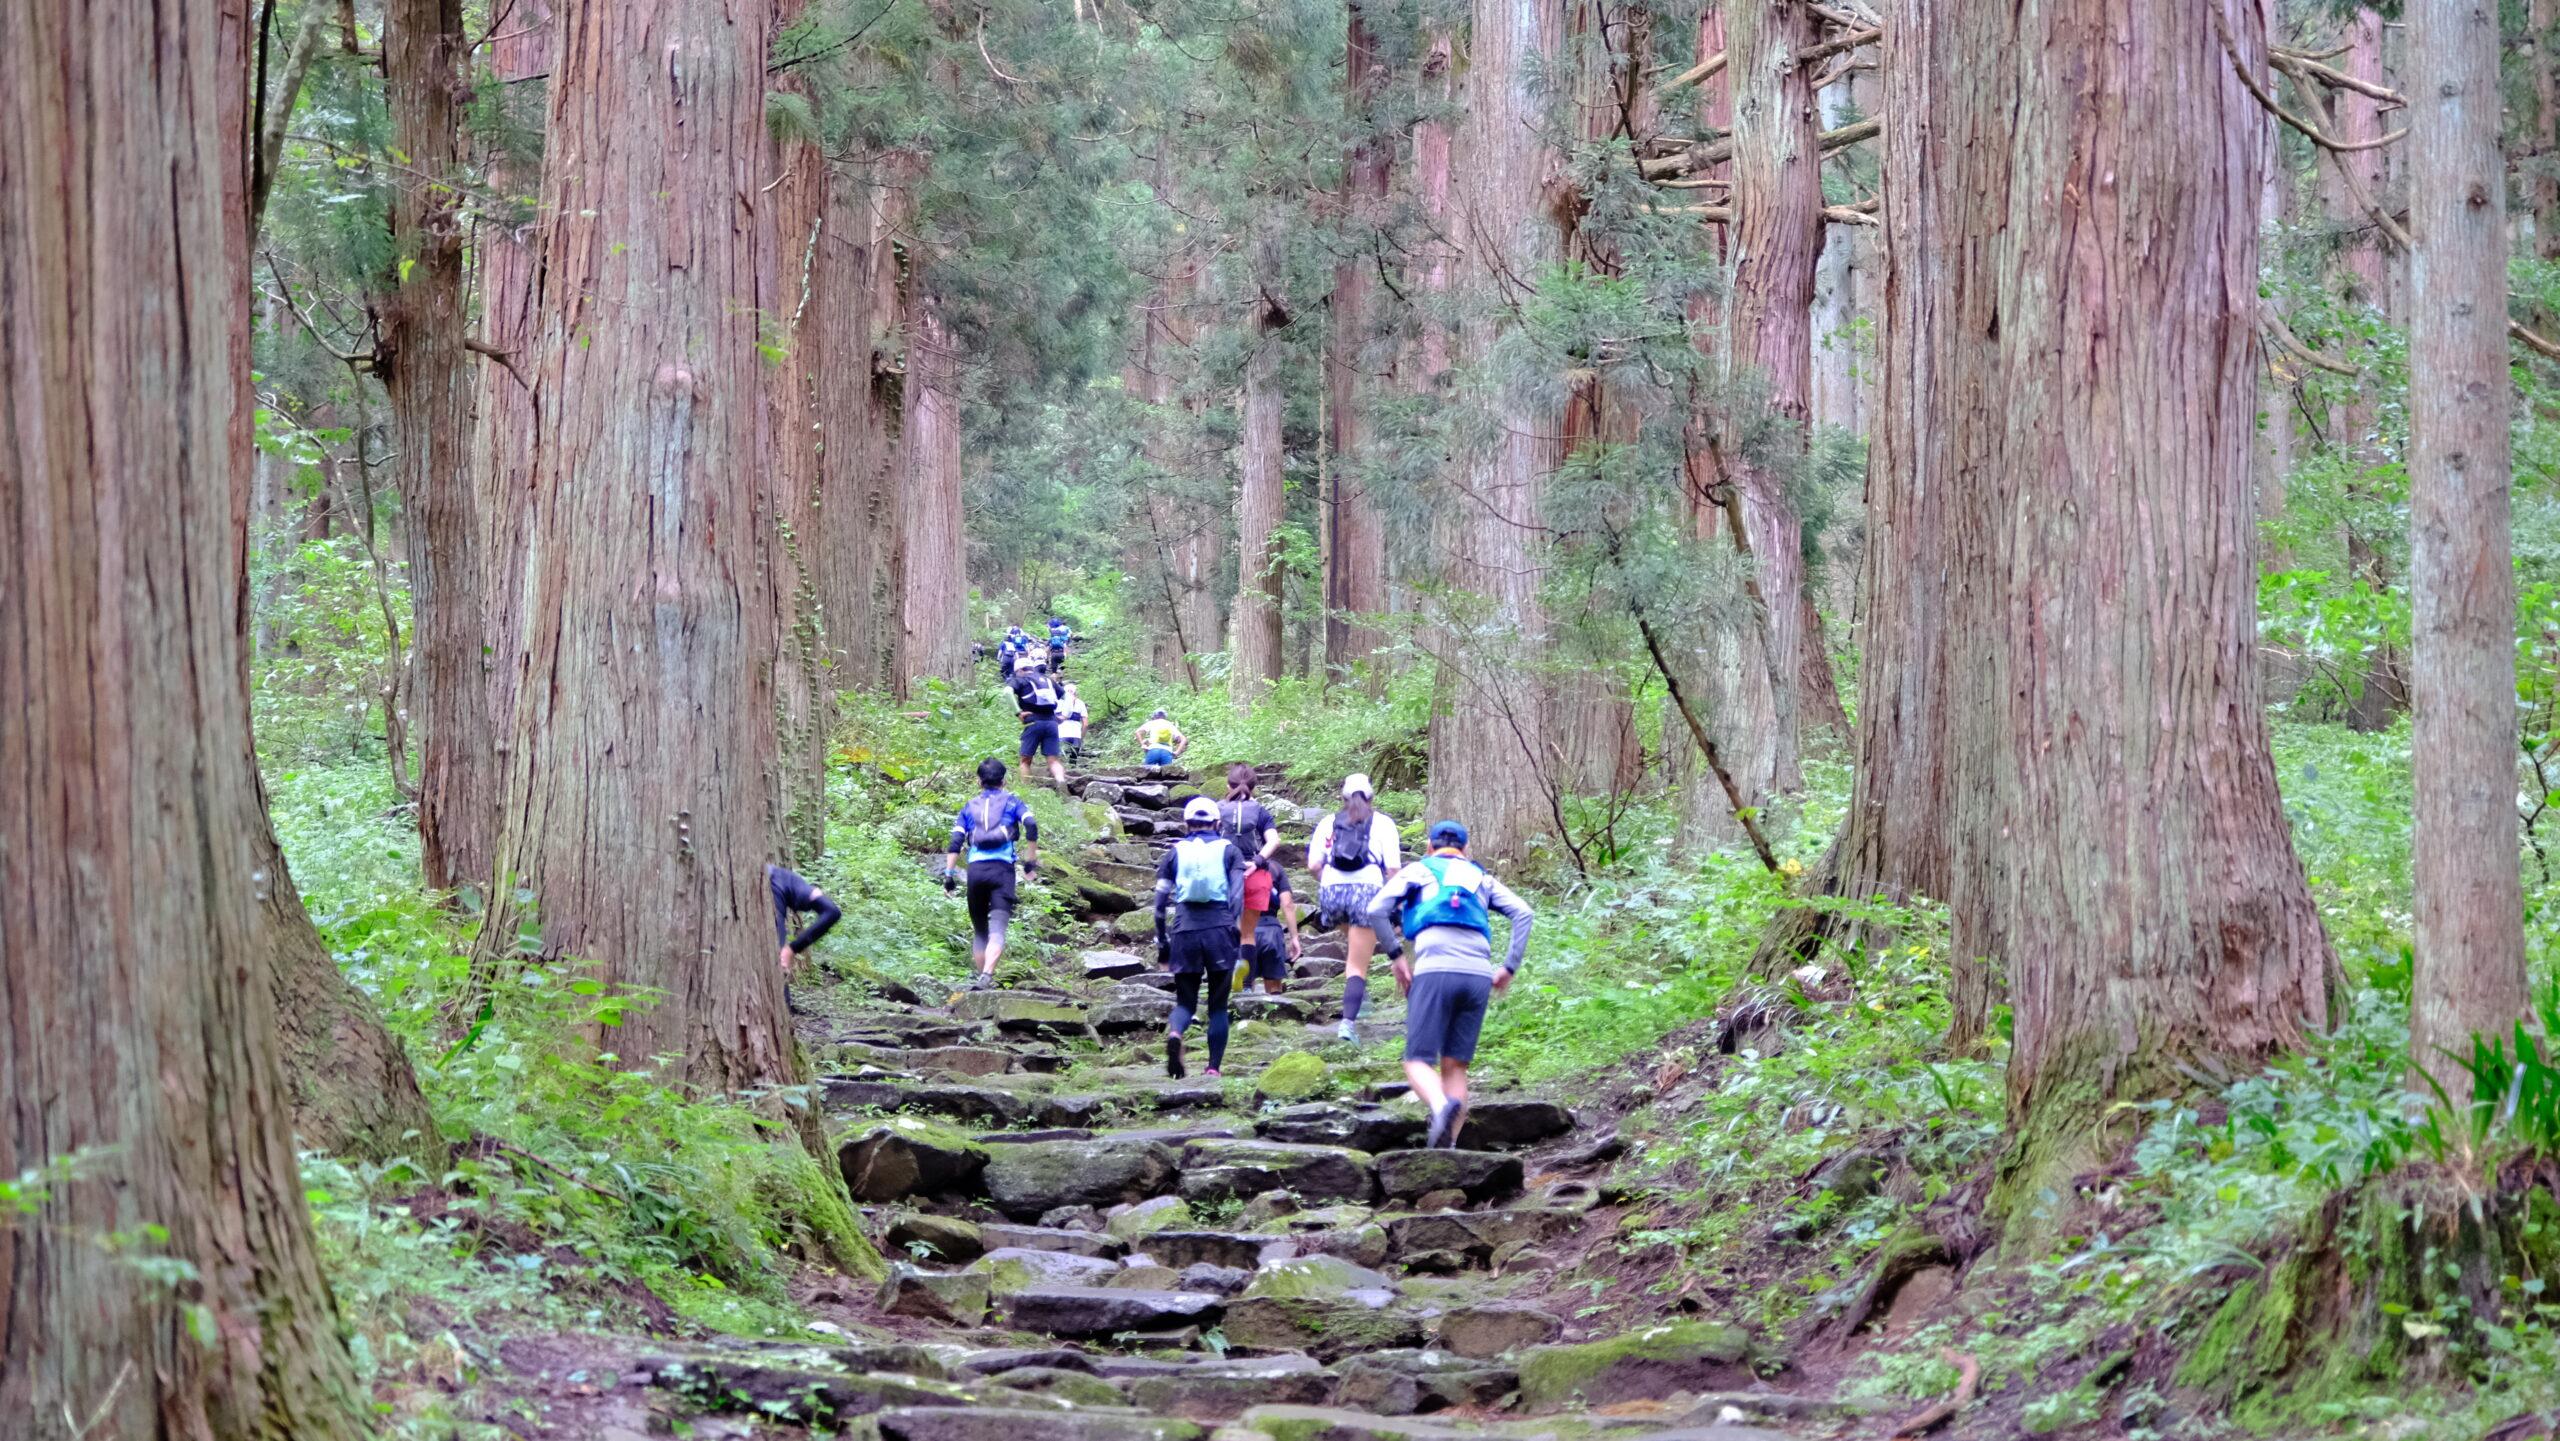 【トレイルラン・長野】Nozawa Spa Trail Race 2021 2021.10.23